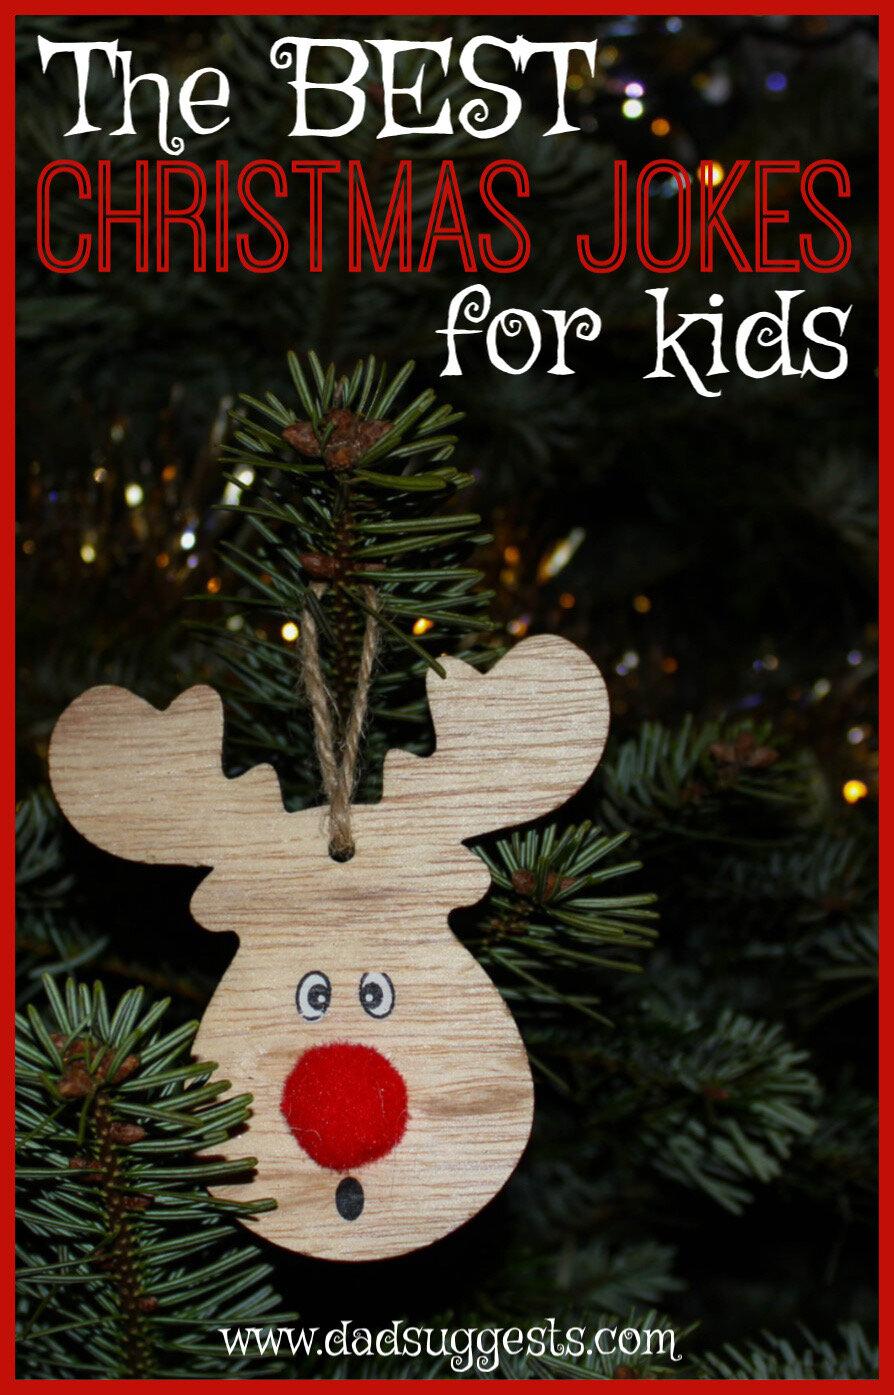 The 25 Best Christmas Jokes for Kids